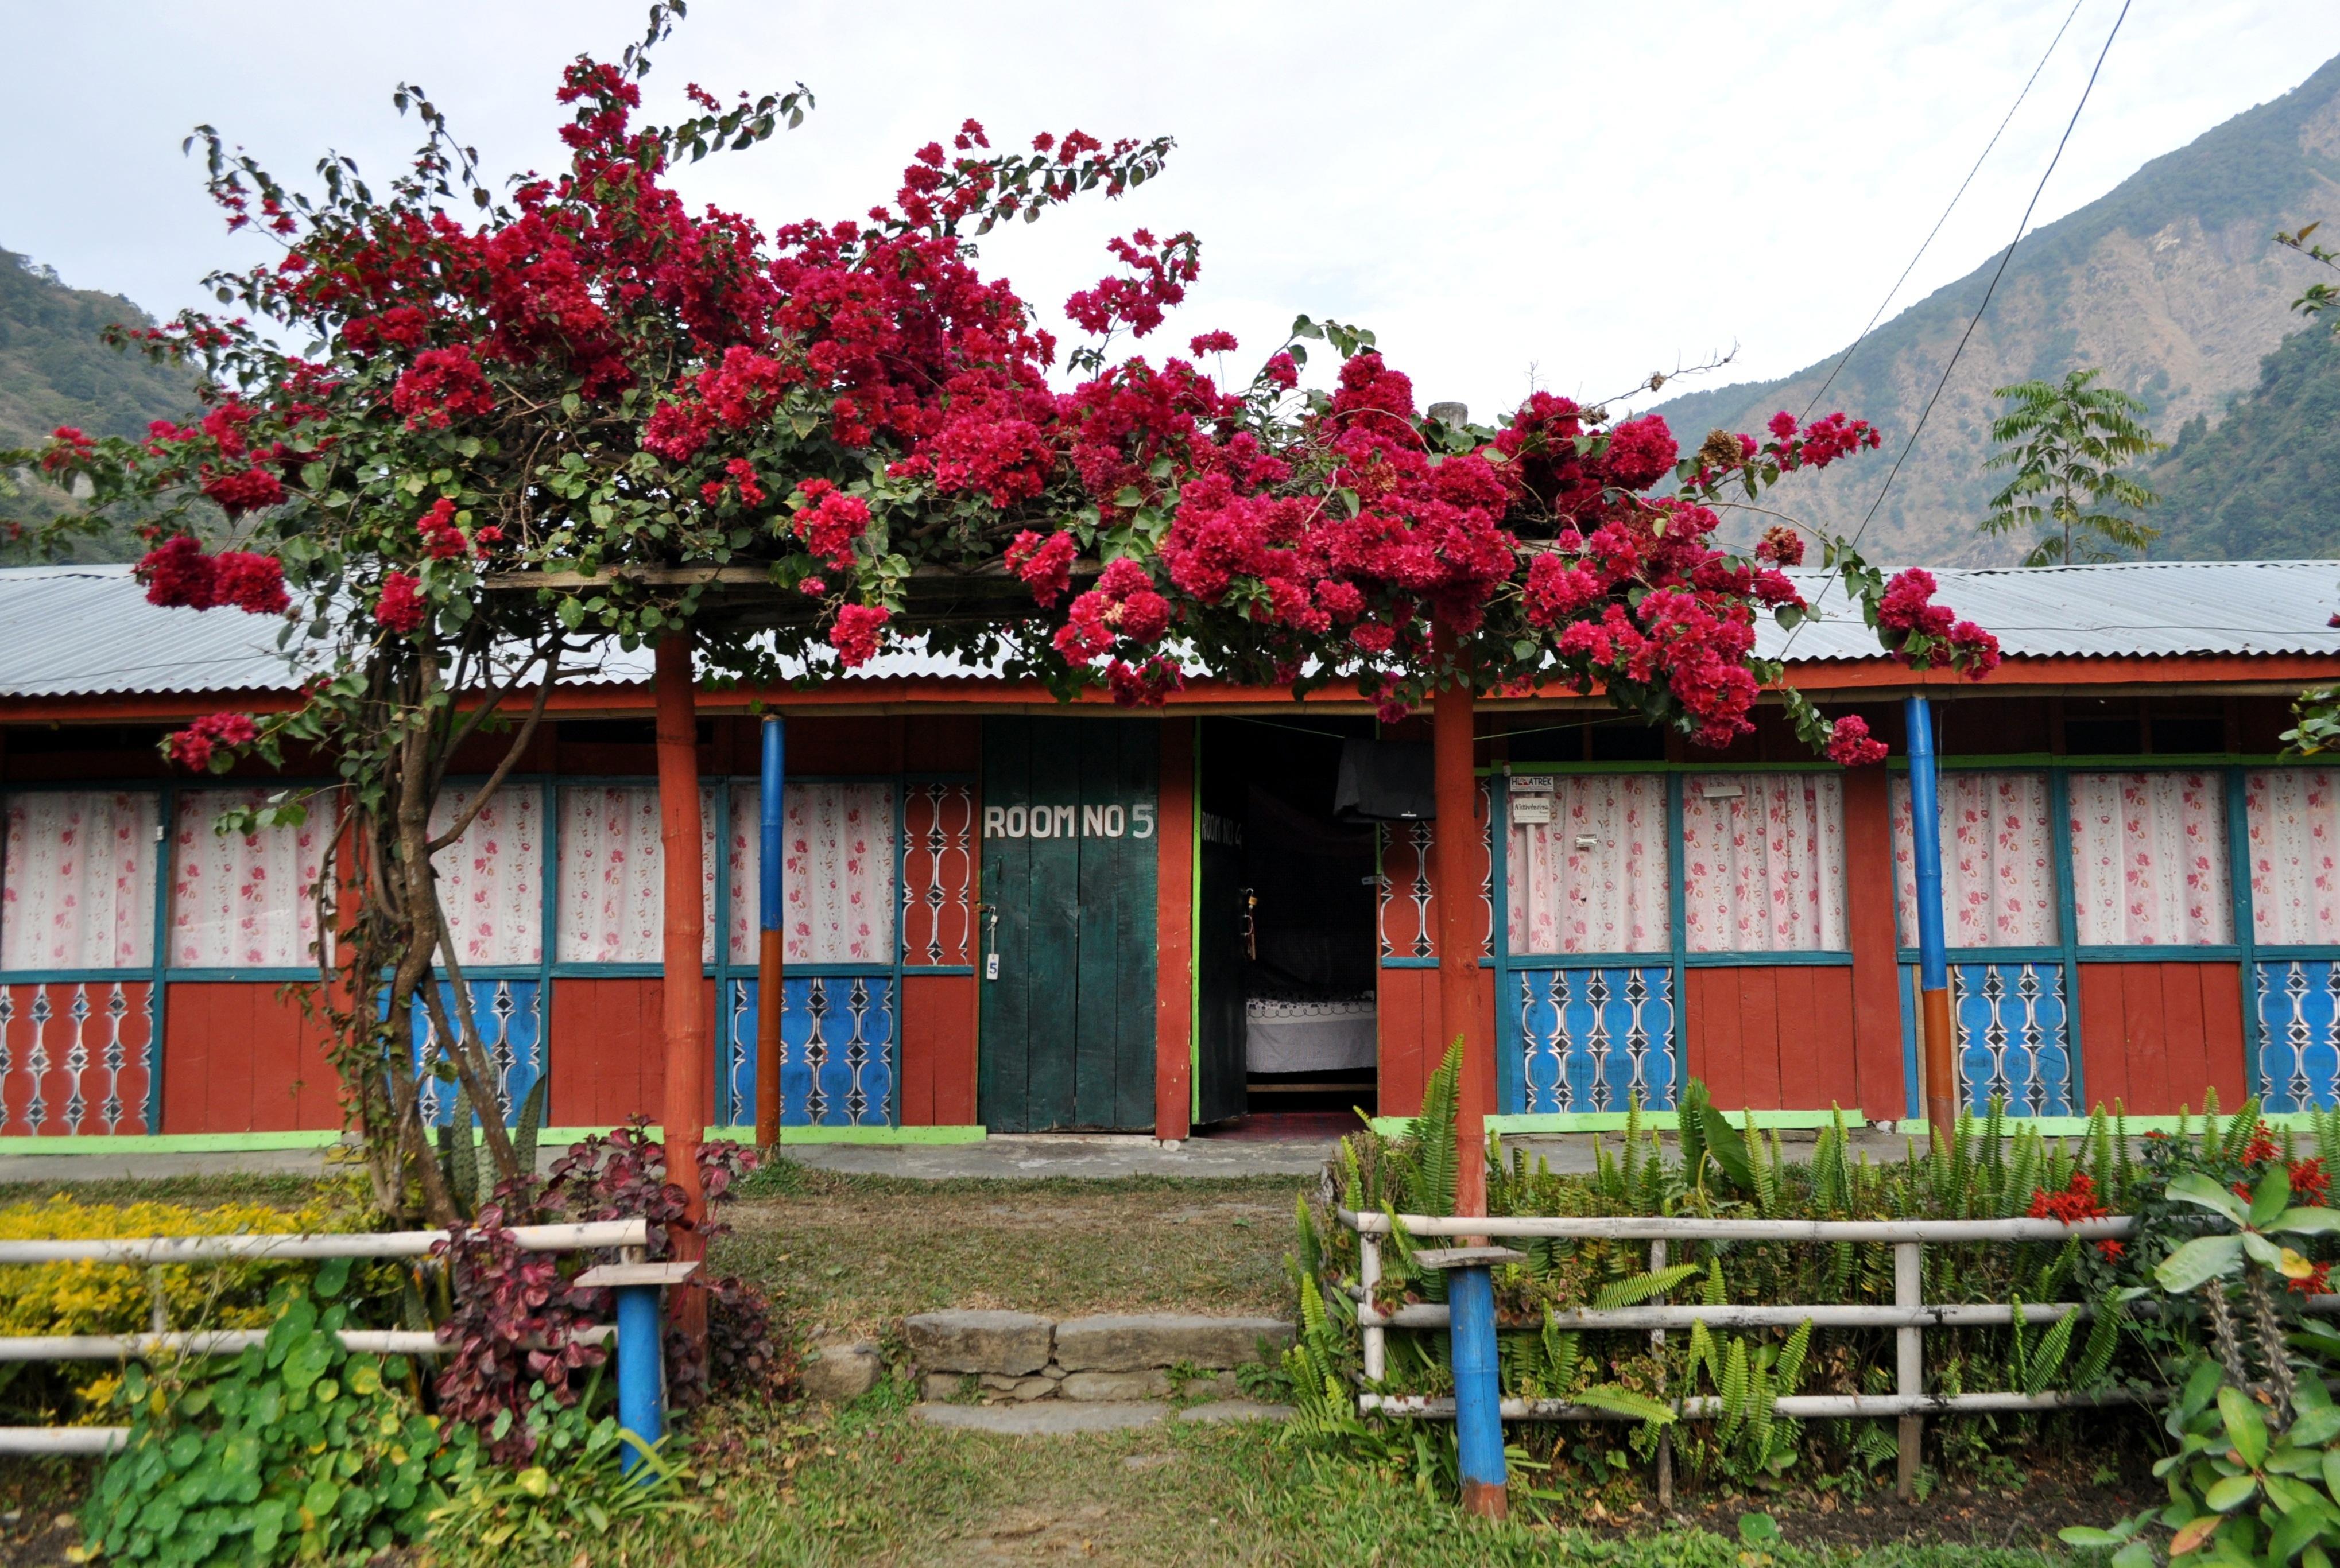 Arrivati a Ngadi decidiamo di fermarci per la prima notte. in questa guest house molto carina e fiorita